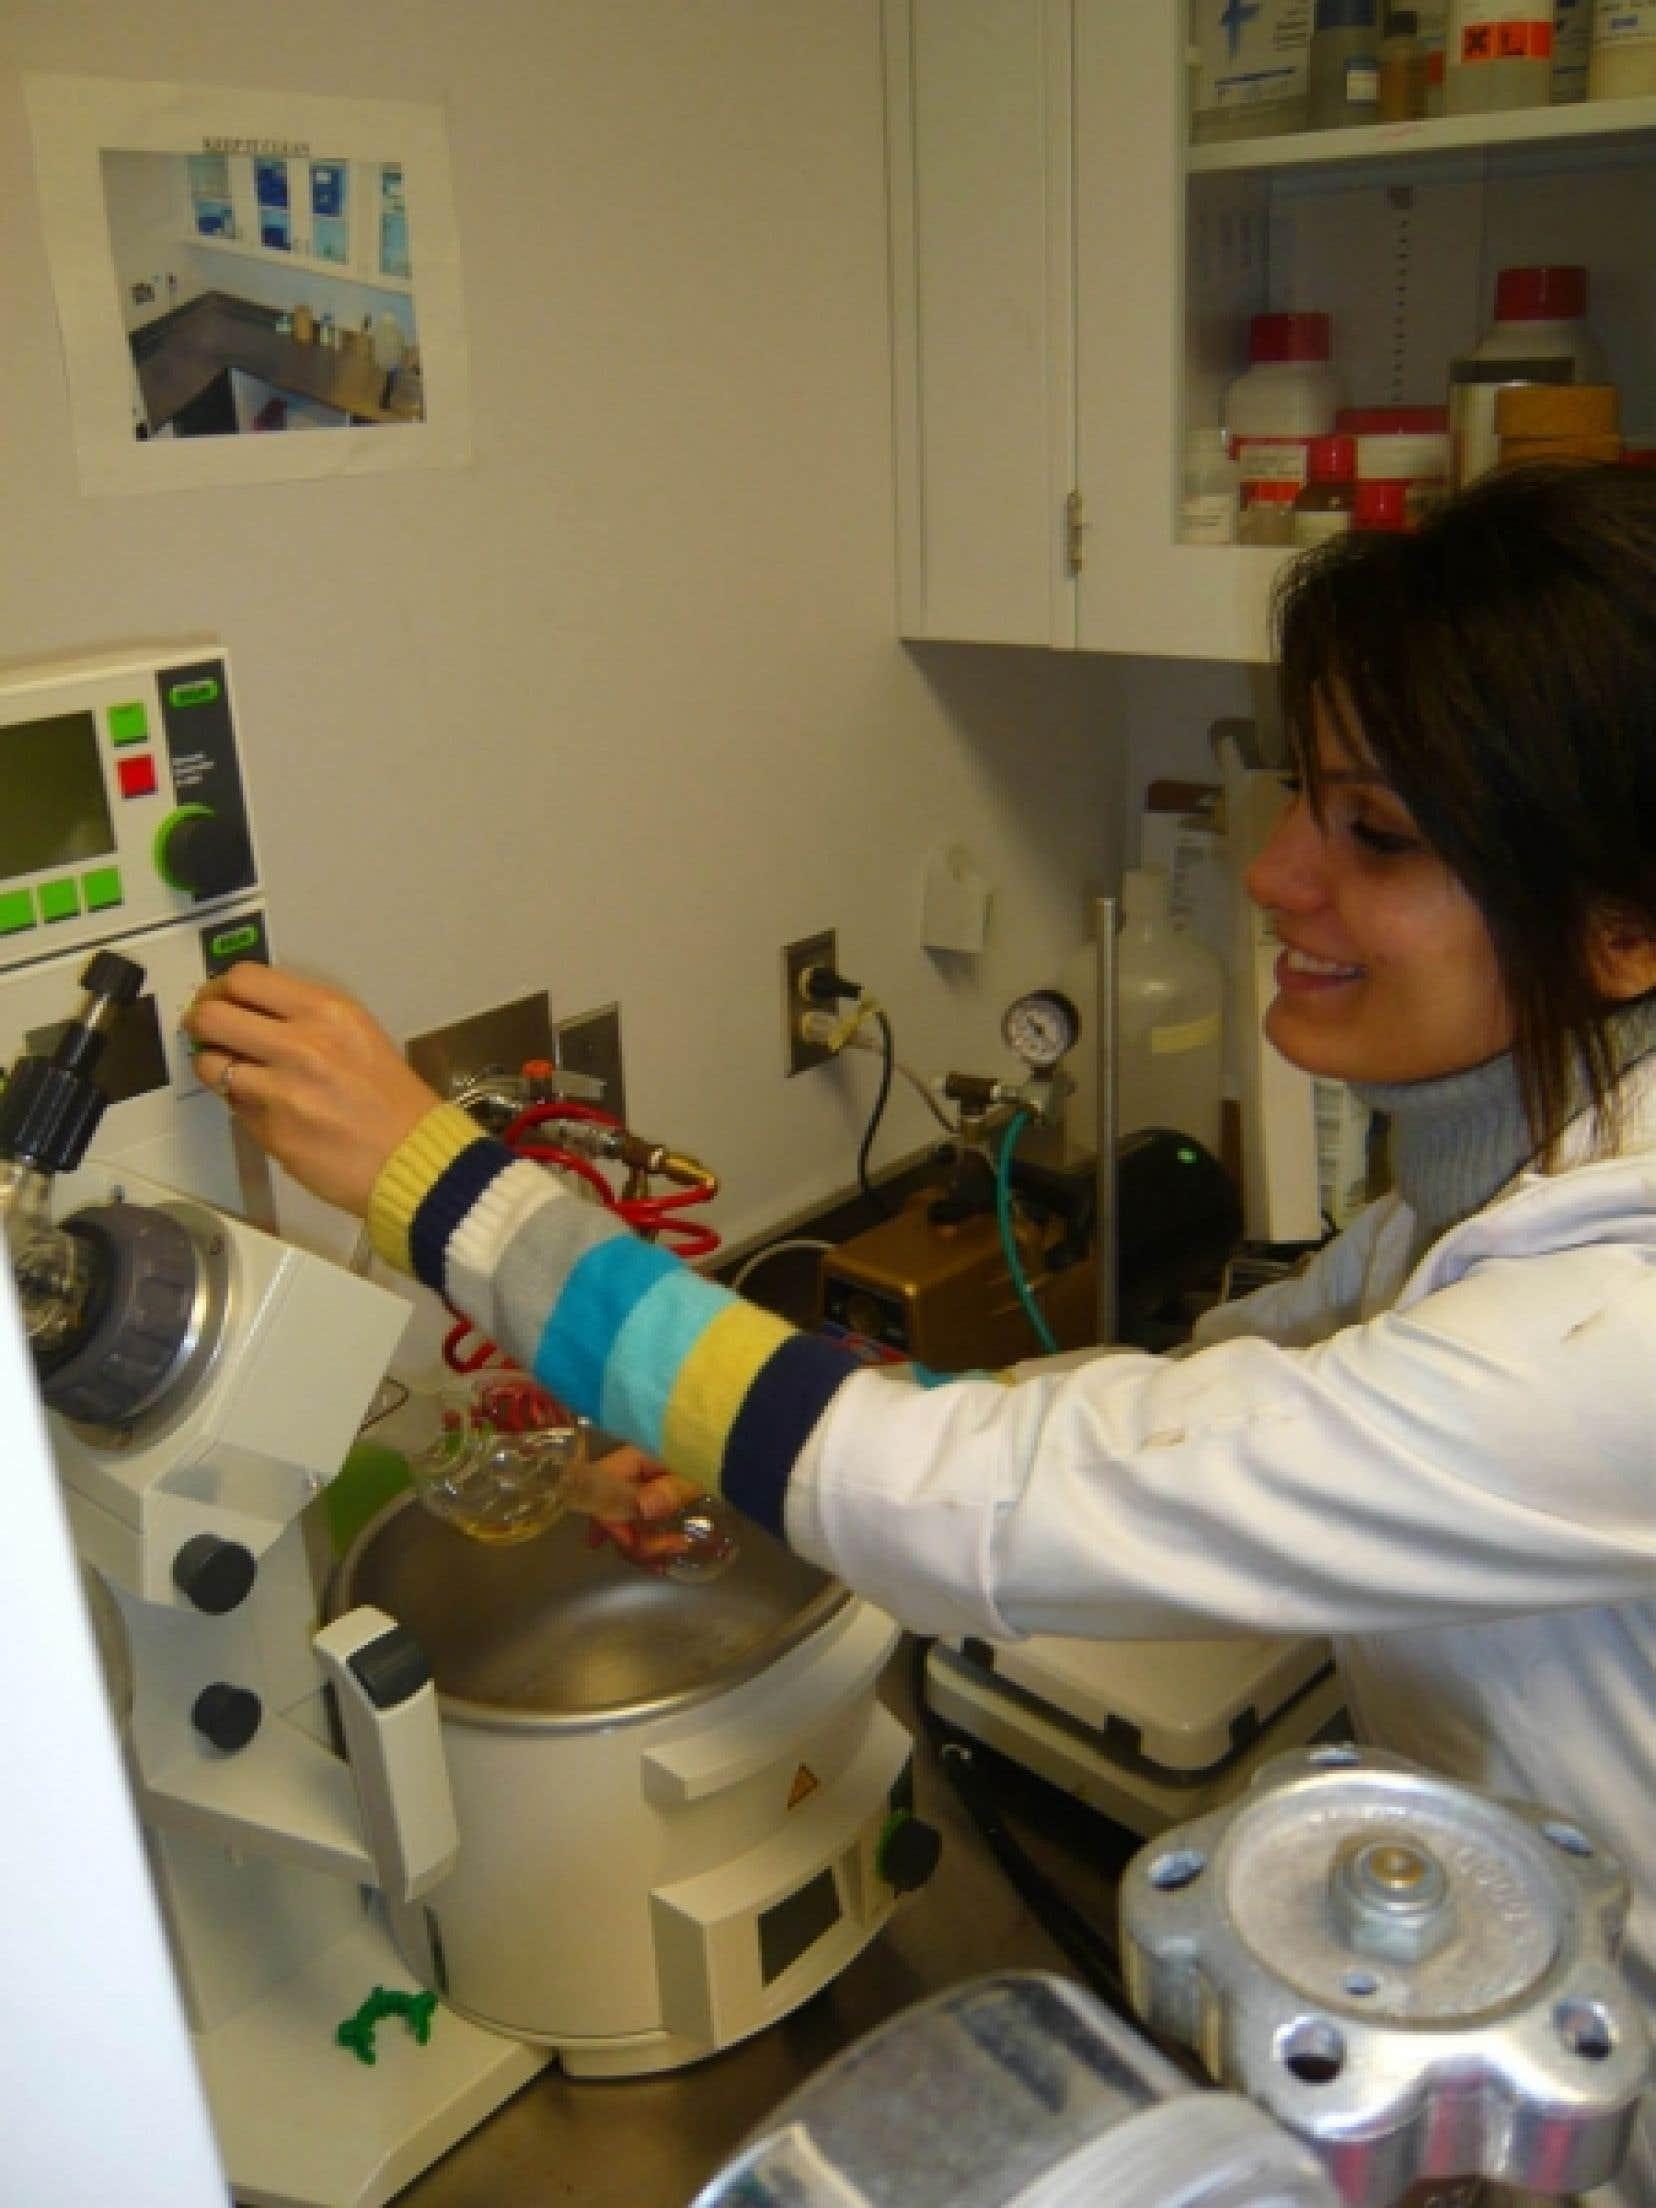 Le laboratoire de nanorobotique attire des chercheurs issus de l'extérieur du pays. C'est le cas de Samira Taherkhani, arrivée de l'Iran l'an dernier pour faire son doctorat avec le professeur Sylvain Martel.<br />